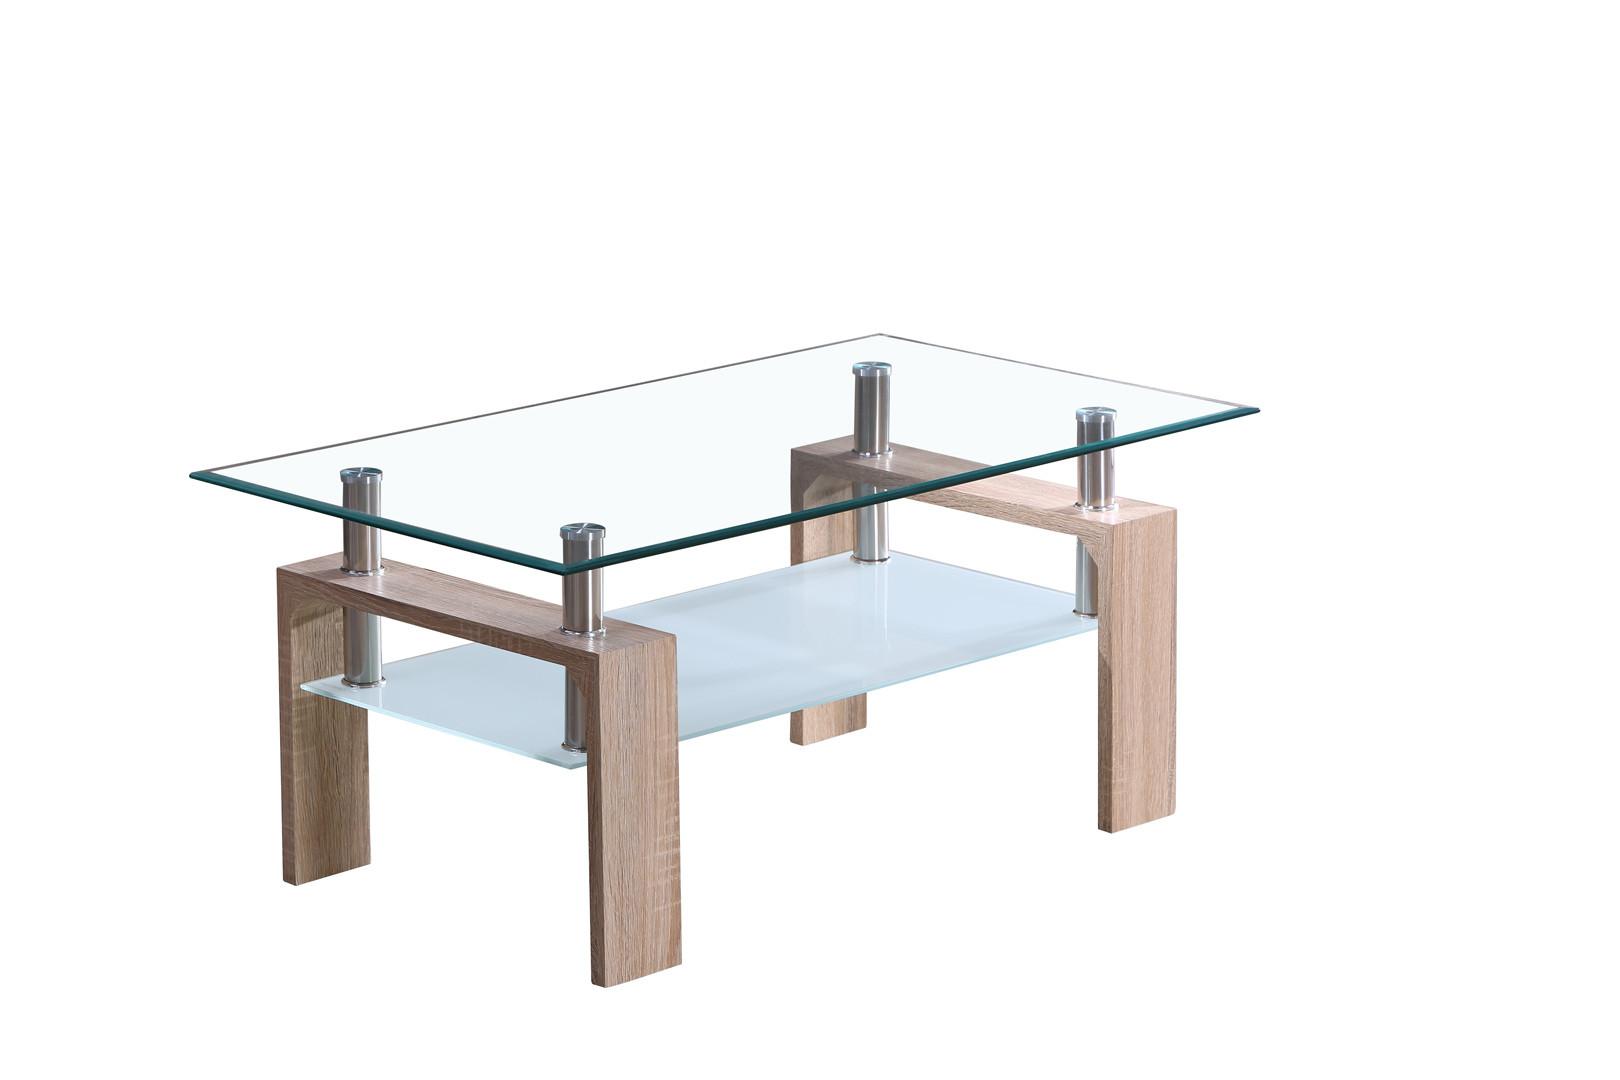 Table En Bois Chene Clair table basse design en verre et bois chêne clair madère